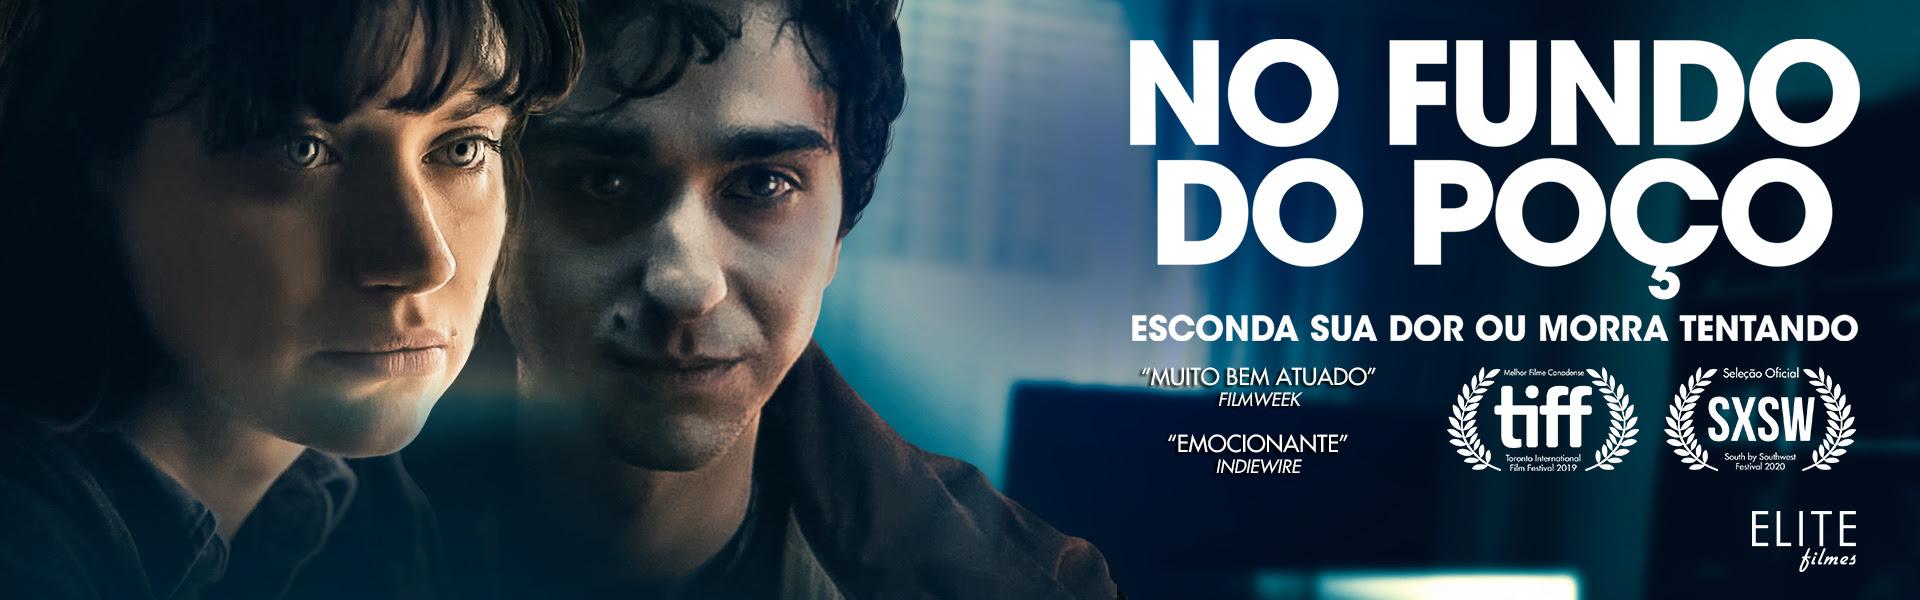 Elite Filmes divulga trailer de 'No Fundo do Poço'